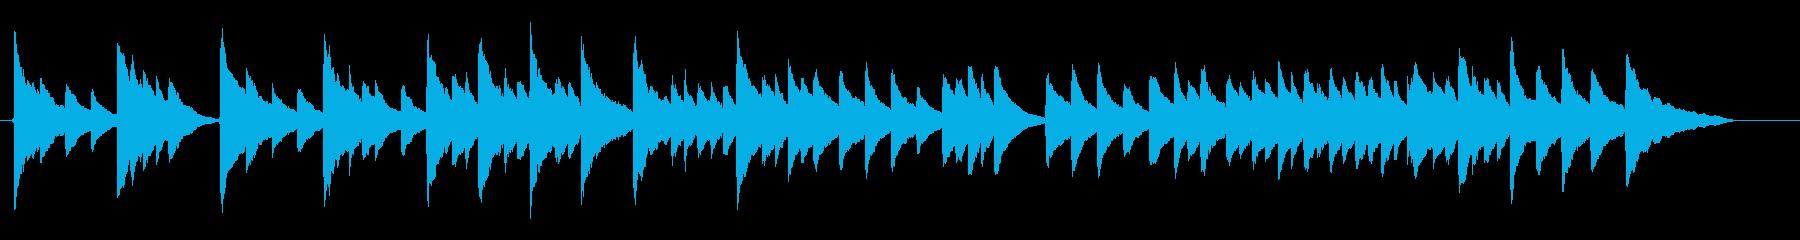 静か穏やか子守唄【ビブラフォンソロ】の再生済みの波形